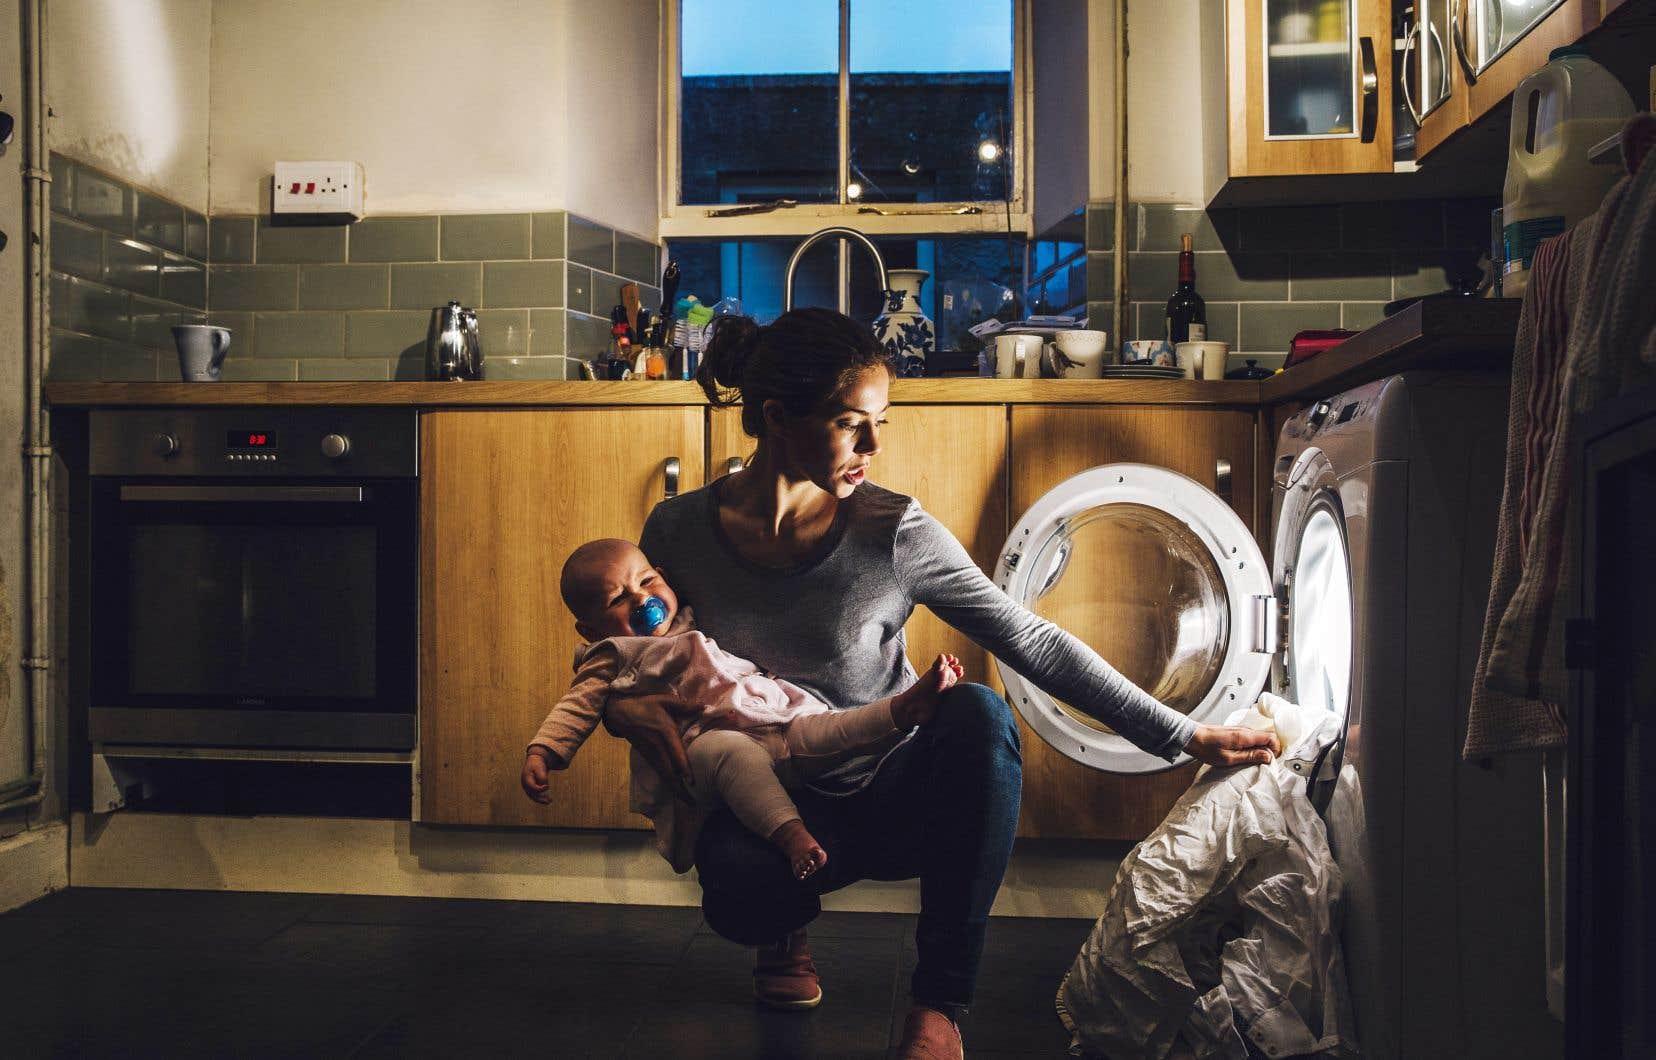 Les Retraités Et Les Femmes à La Maison Des Inactifs Le